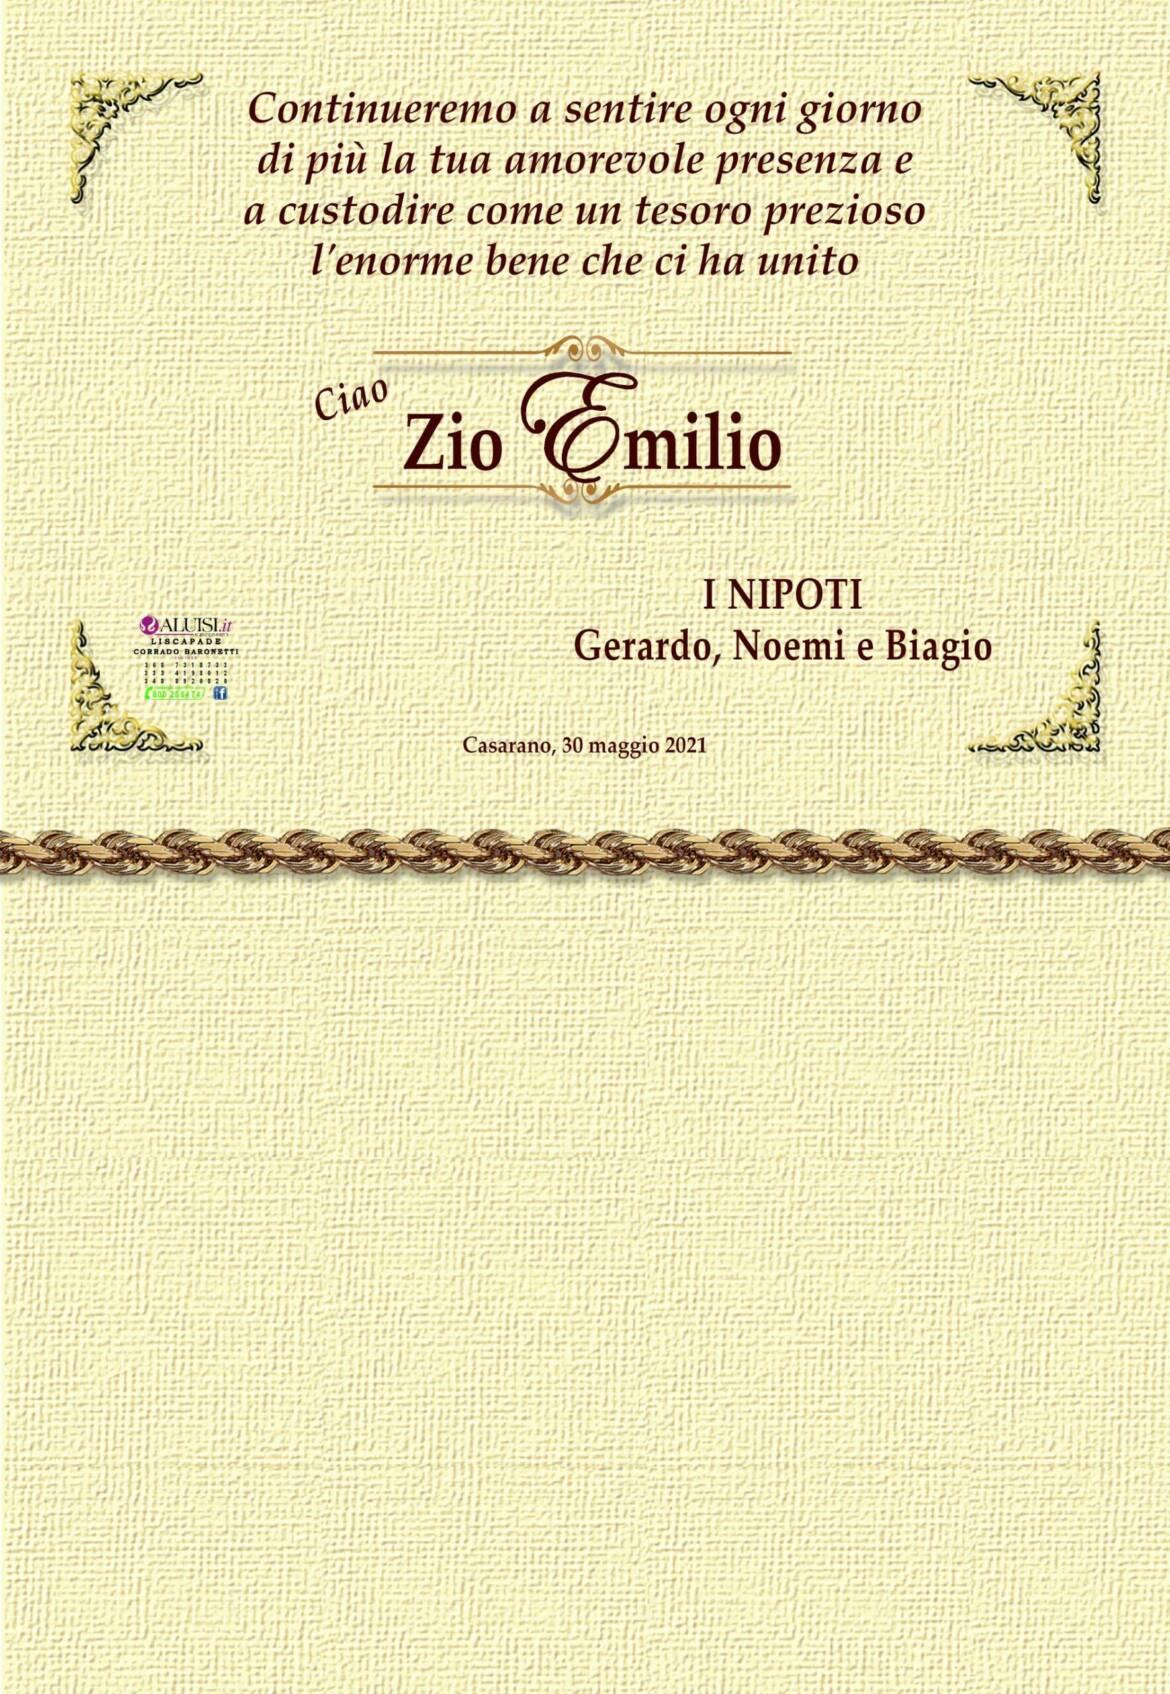 PARTECIPAZIONE-EMILIO-DE-NUZZO-CASARANO-3-scaled.jpg